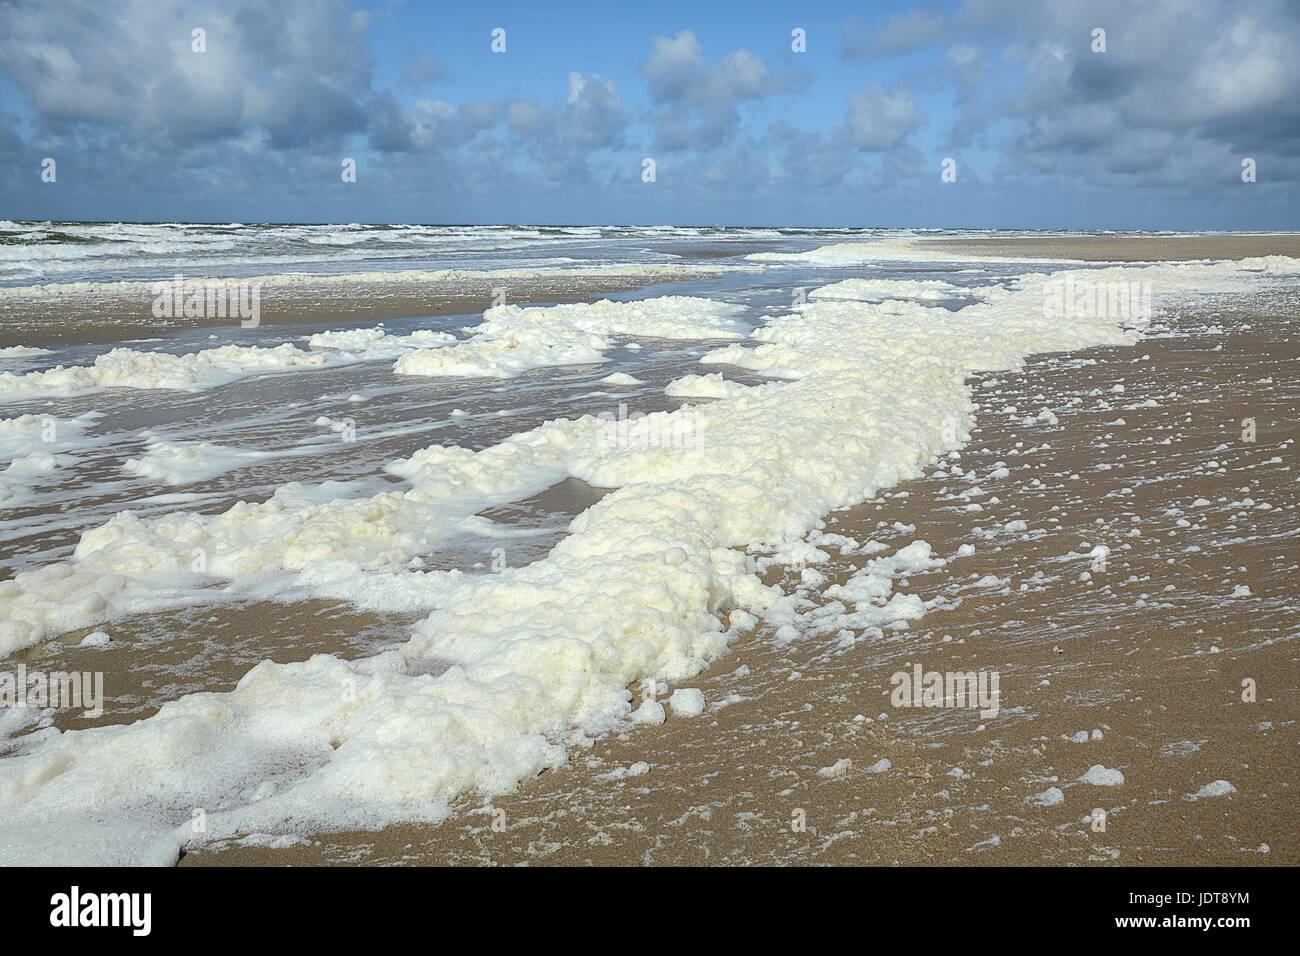 Lente, viento en vervuiling (?) zorgen voor het aanspoelen van afgestorven algen Imagen De Stock